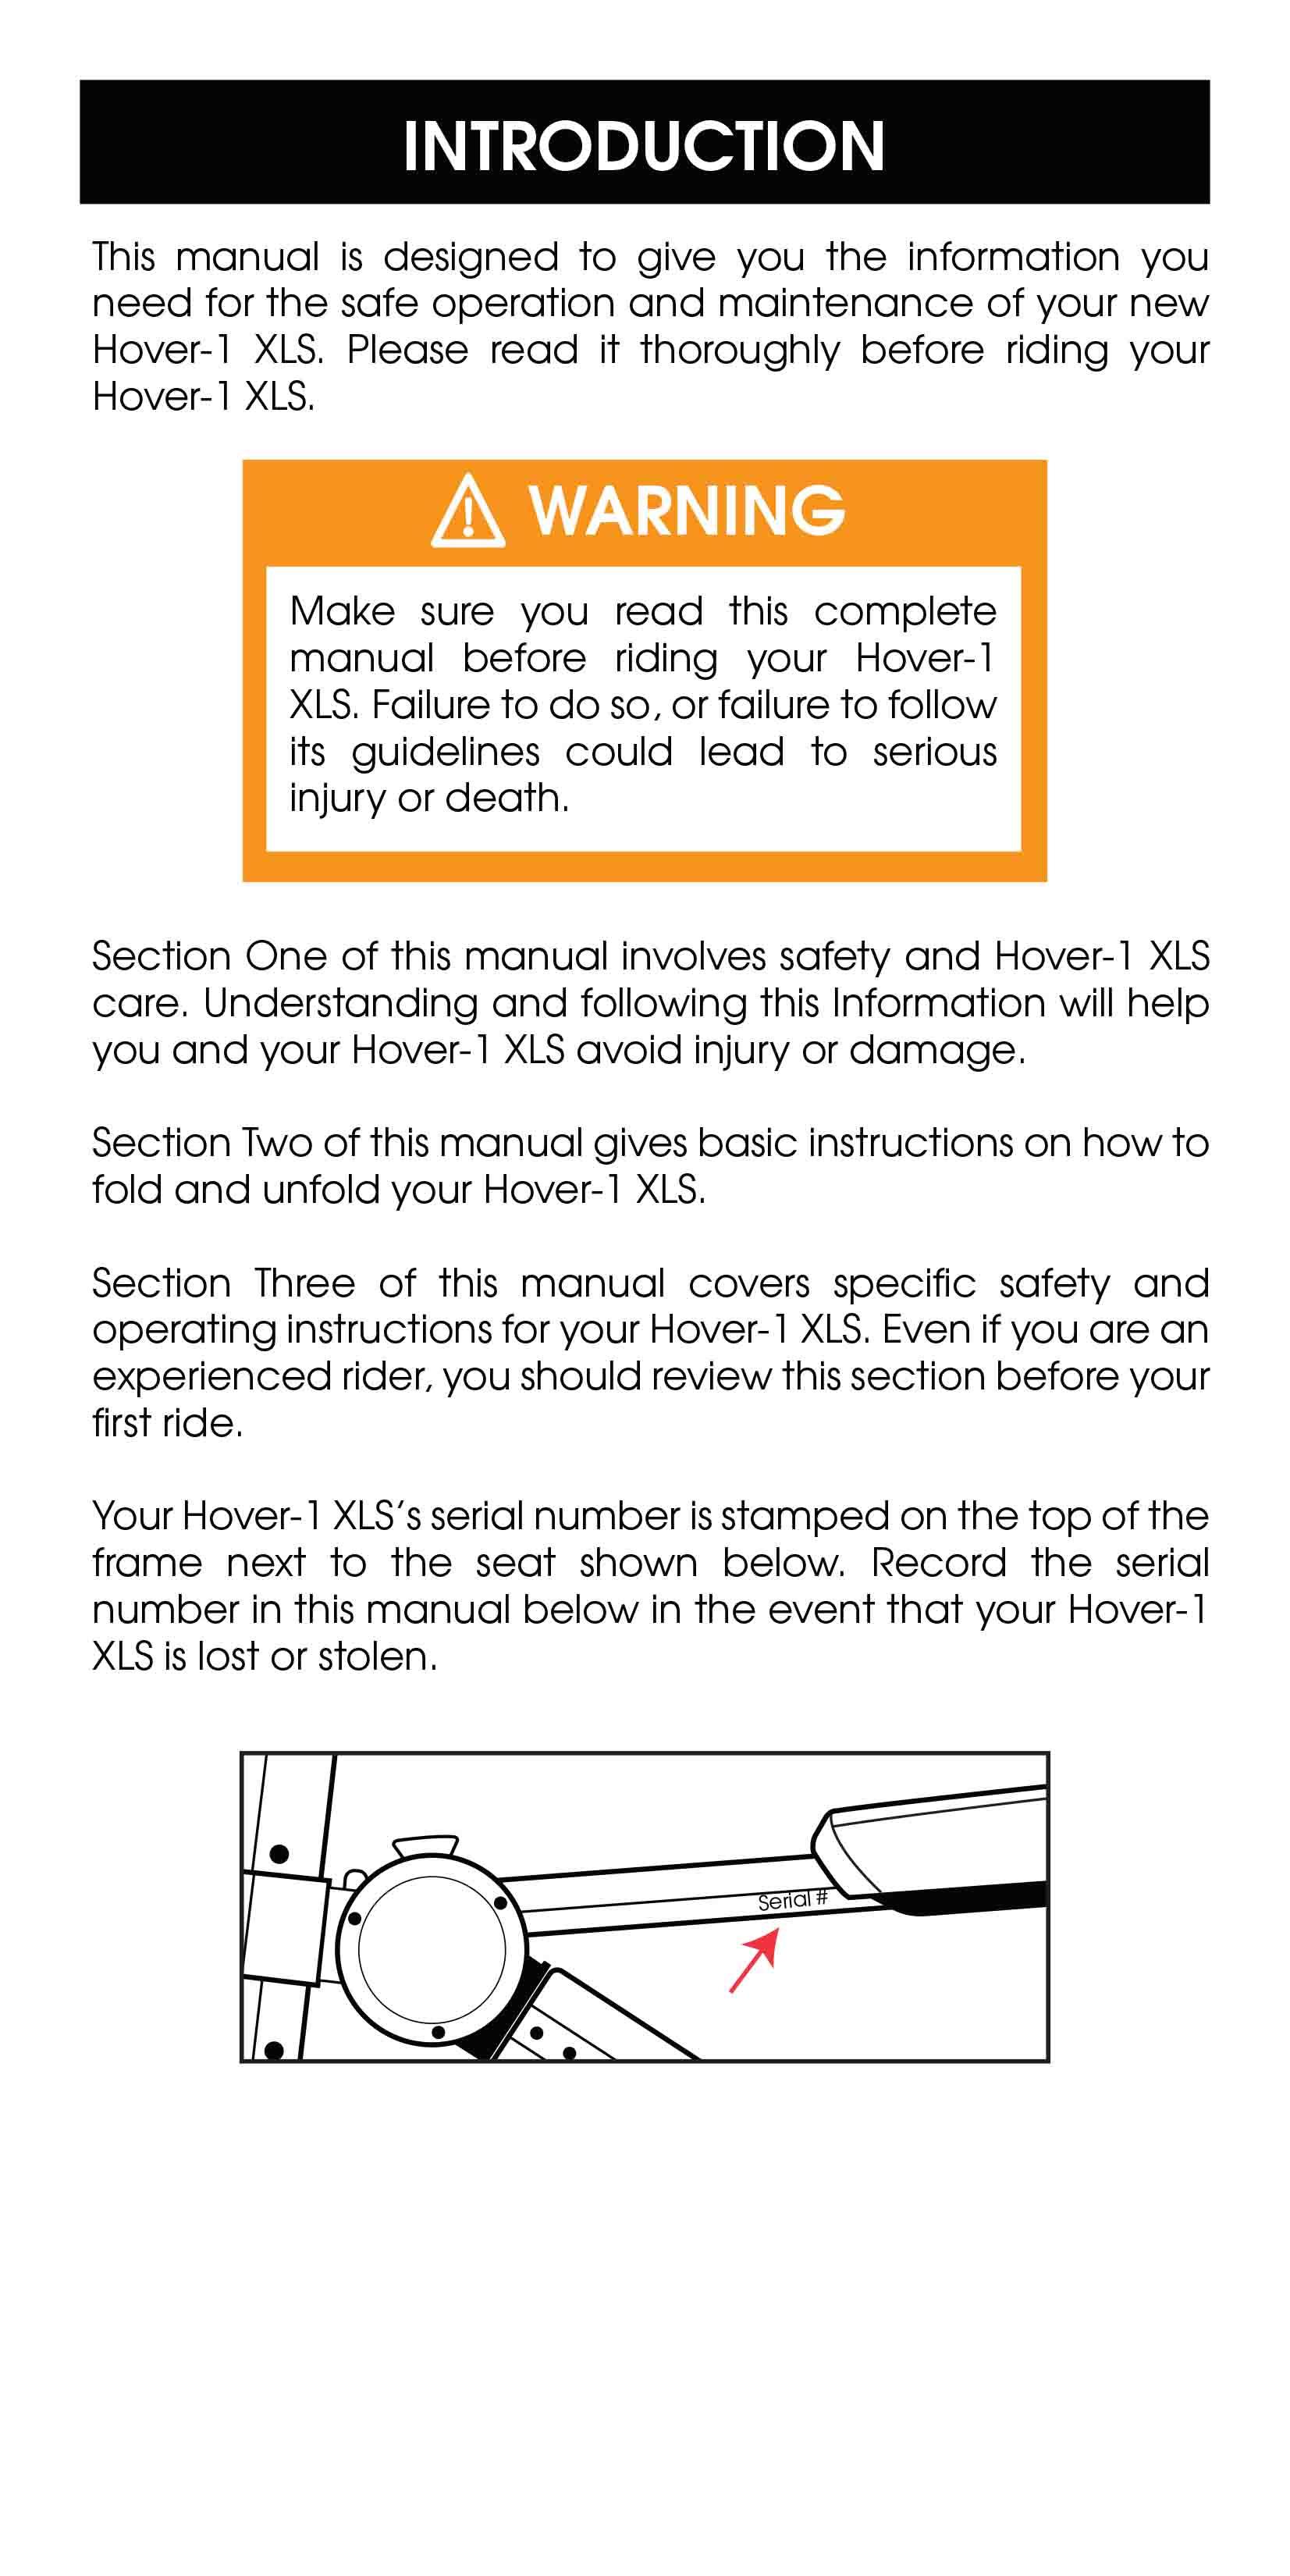 HY-HBKE-Manual-09132016 5.jpg